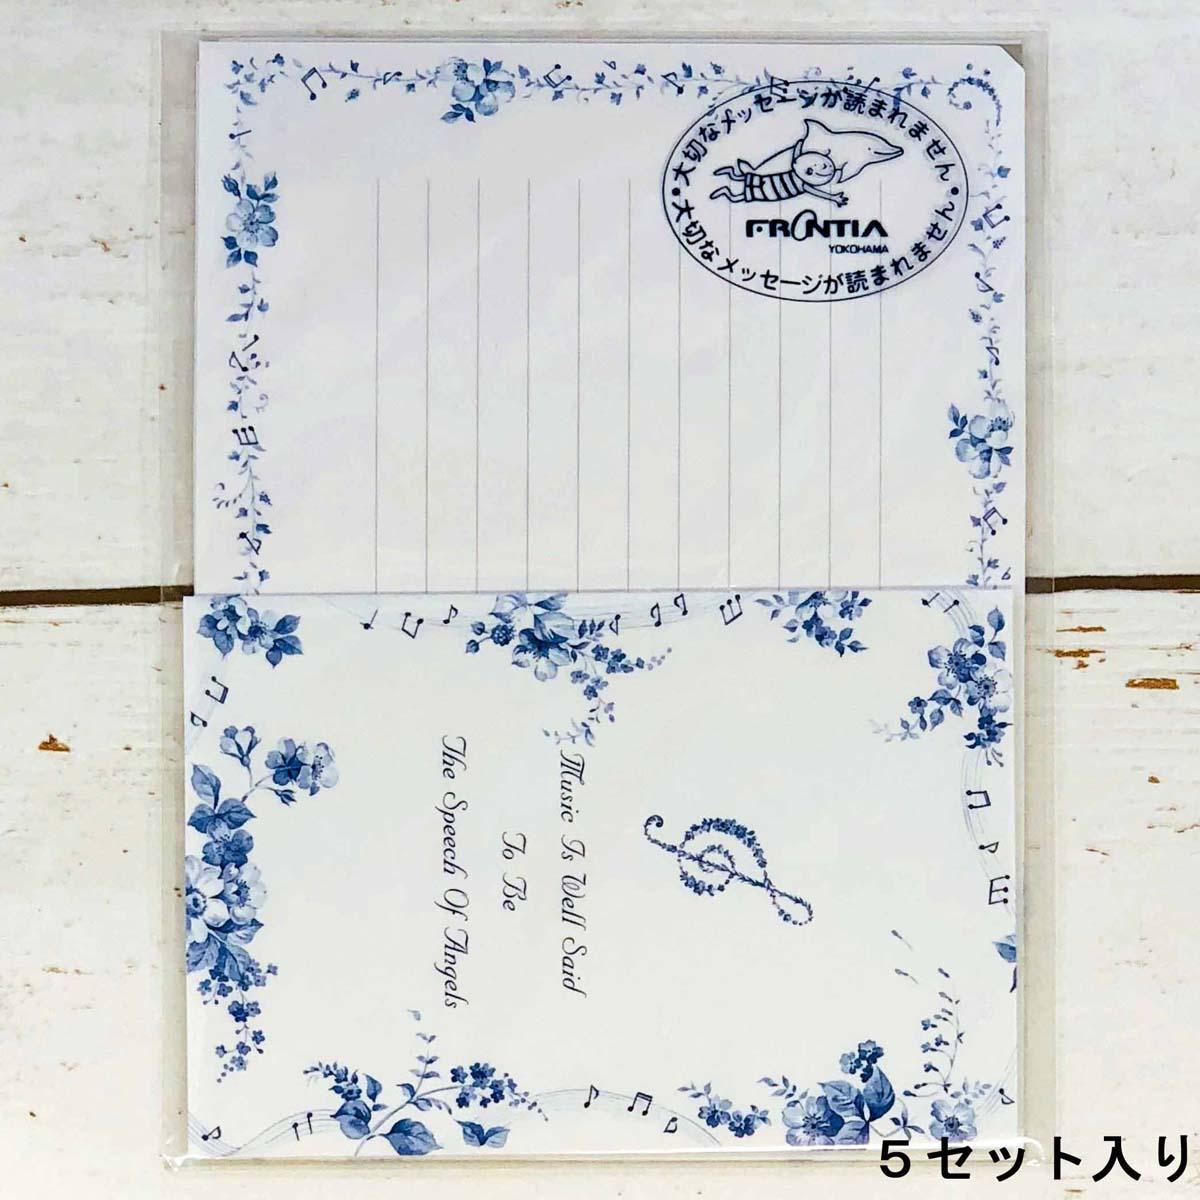 二つに貼り合わせてハガキ料金で送れる手紙 ポストレター MUSIC HMT-26 フロンティア はがき料金で送れる 葉書手紙 シークレットレター デザイン おしゃれ 大人